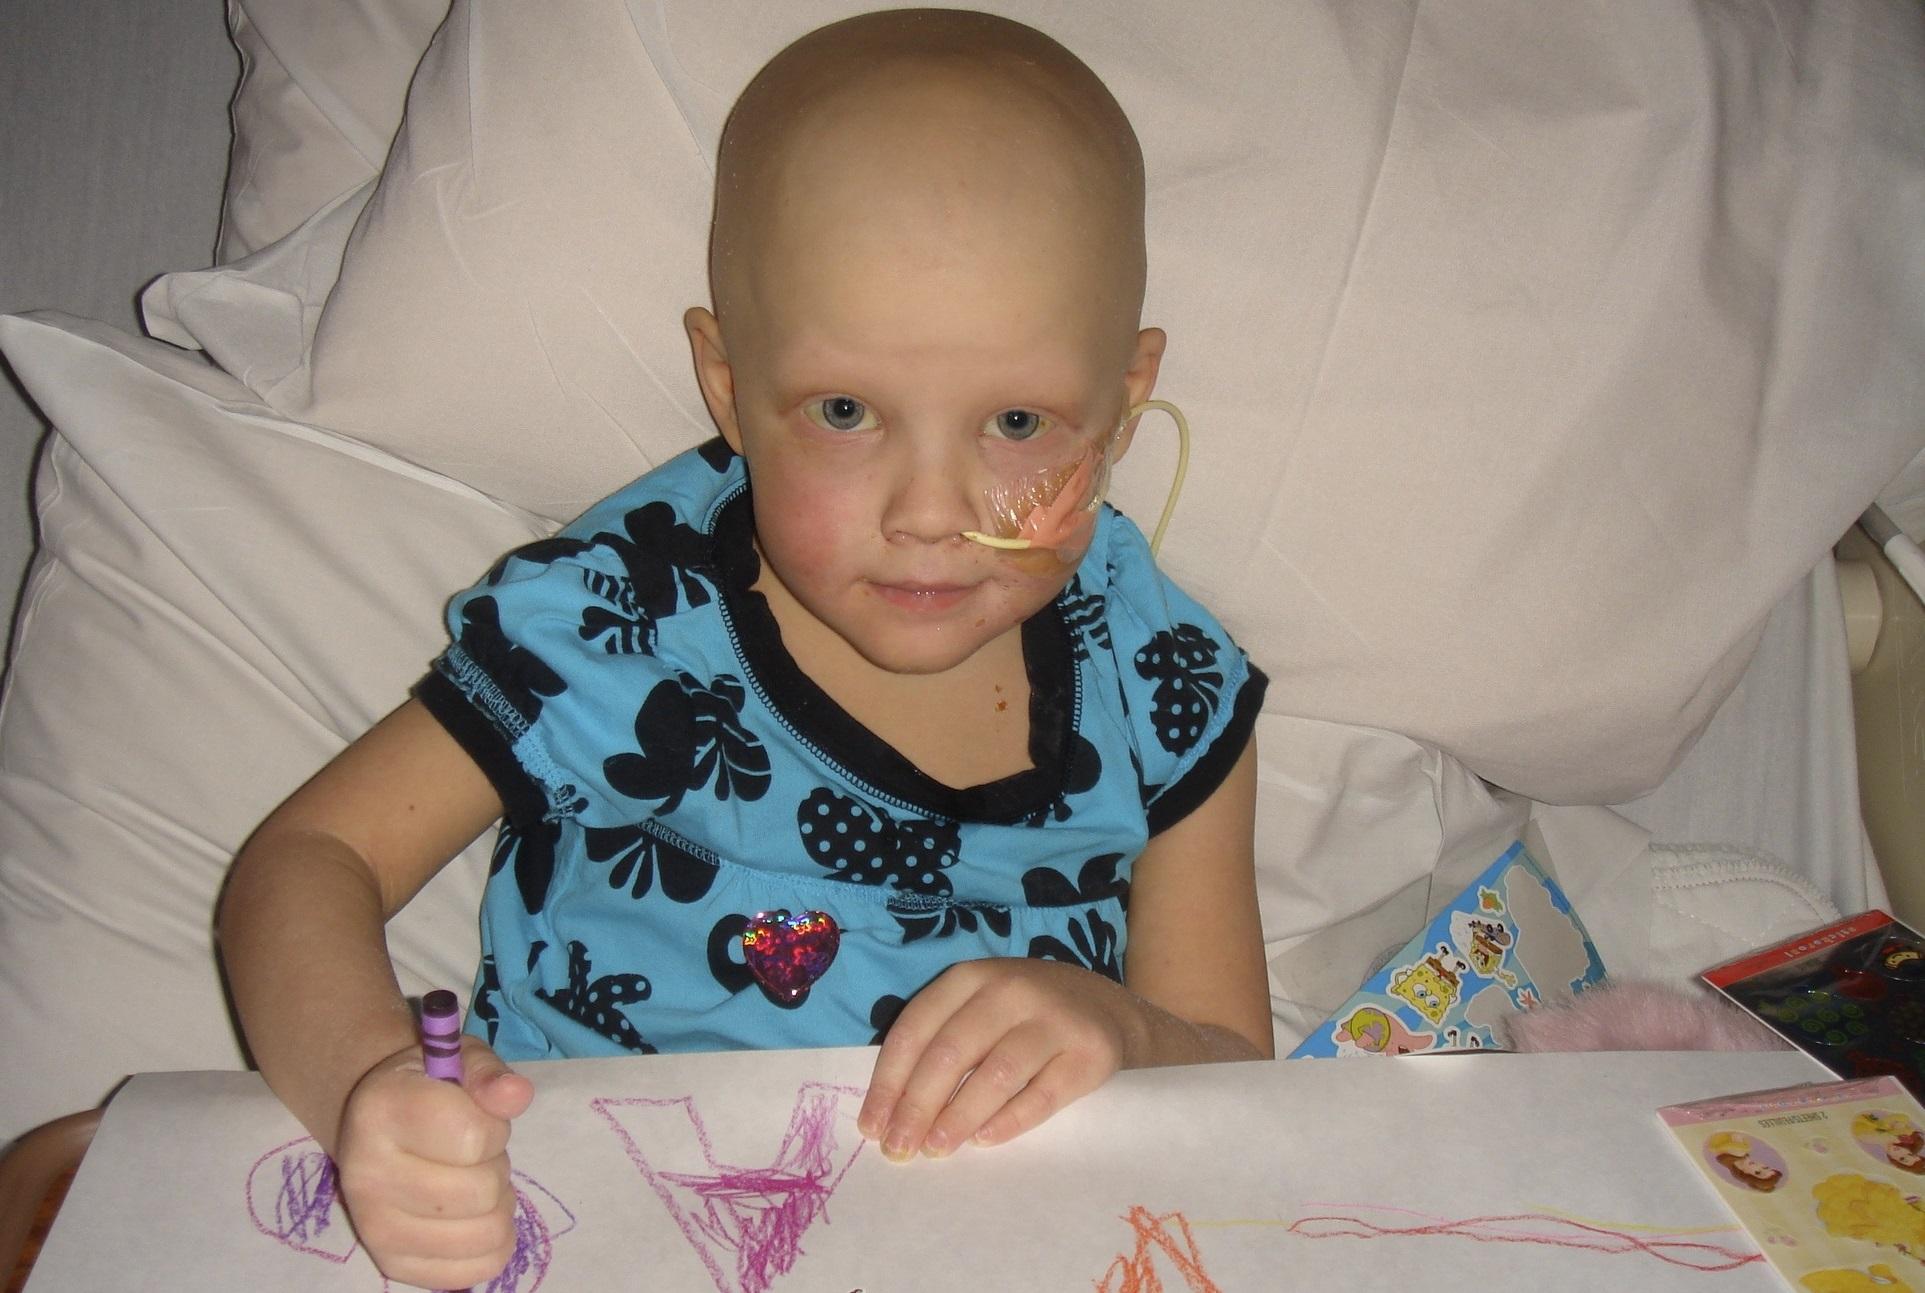 Emily Coughlin, pediatric, neuroblastoma